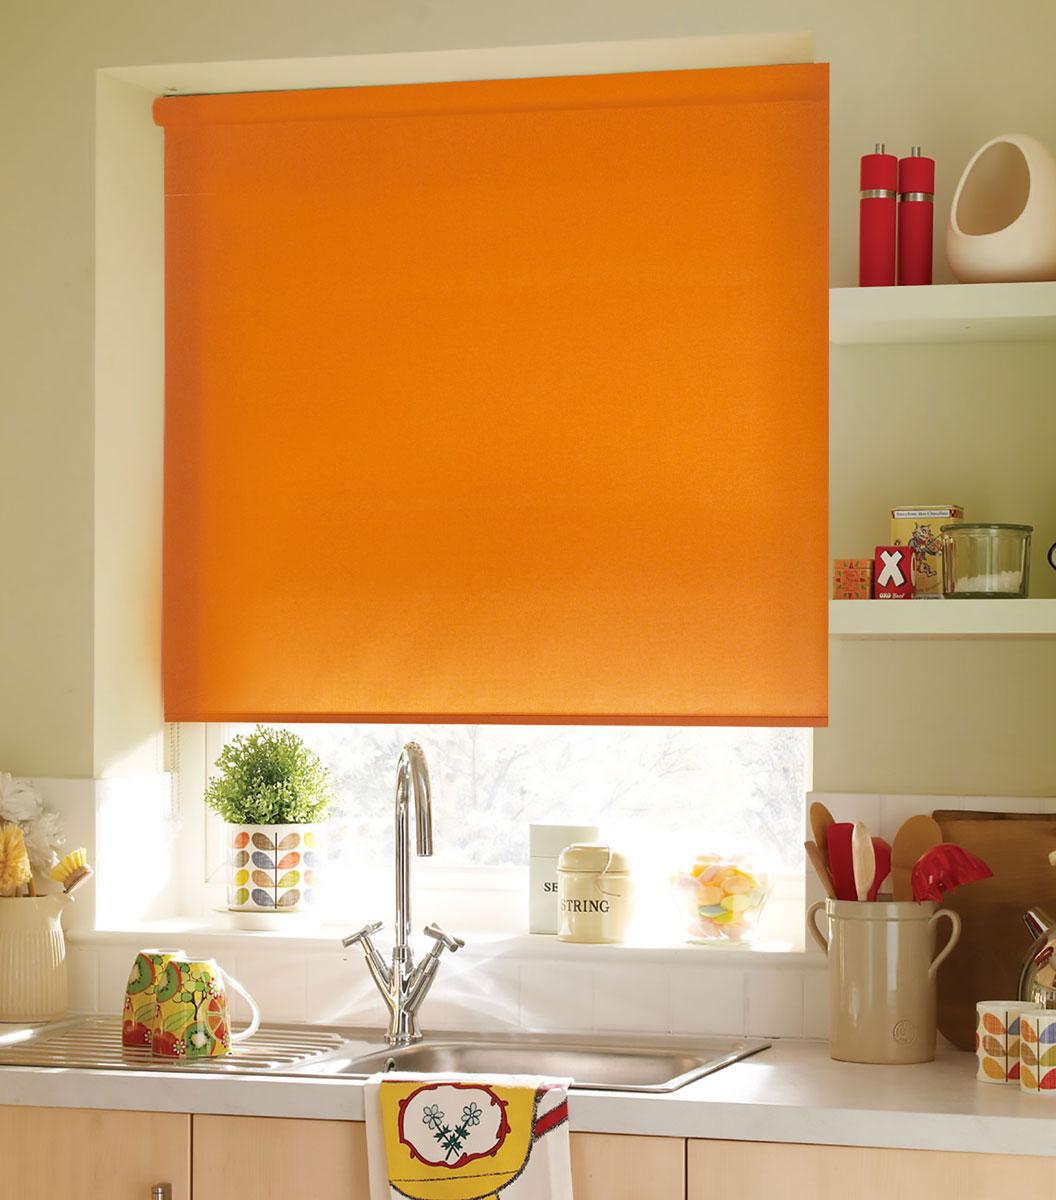 Миниролло KauffOrt 43х170 см, цвет: оранжевый3043203Рулонная штора Миниролло выполнена из высокопрочной ткани оранжевого цвета, которая сохраняет свой размер даже при намокании. Ткань не выцветает и обладает отличной цветоустойчивостью. Миниролло - это подвид рулонных штор, который закрывает не весь оконный проем, а непосредственно само стекло. Такие шторы крепятся на раму без сверления при помощи зажимов или клейкой двухсторонней ленты. Окно остаётся на гарантии, благодаря монтажу без сверления. Такая штора станет прекрасным элементом декора окна и гармонично впишется в интерьер любого помещения.